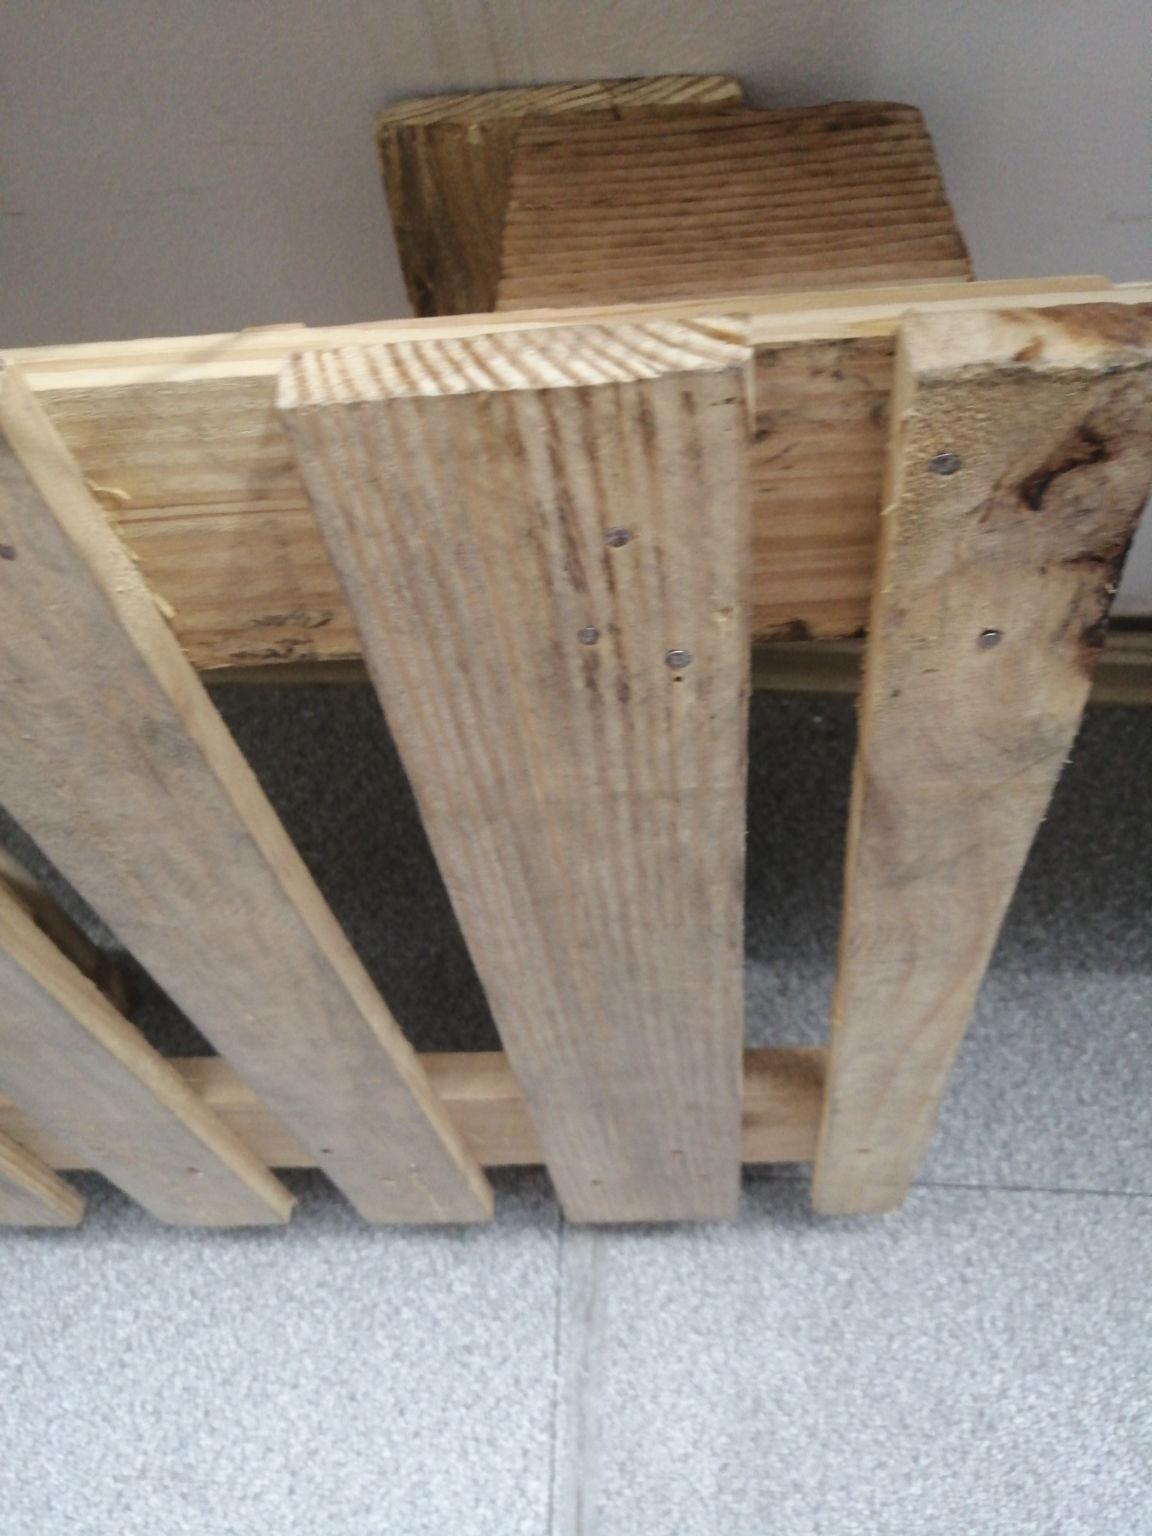 海口木材回收厂价??,︼﹍✄☝▪表根据需求量??,╋ⓗ预期进??,.┨产品折扣定